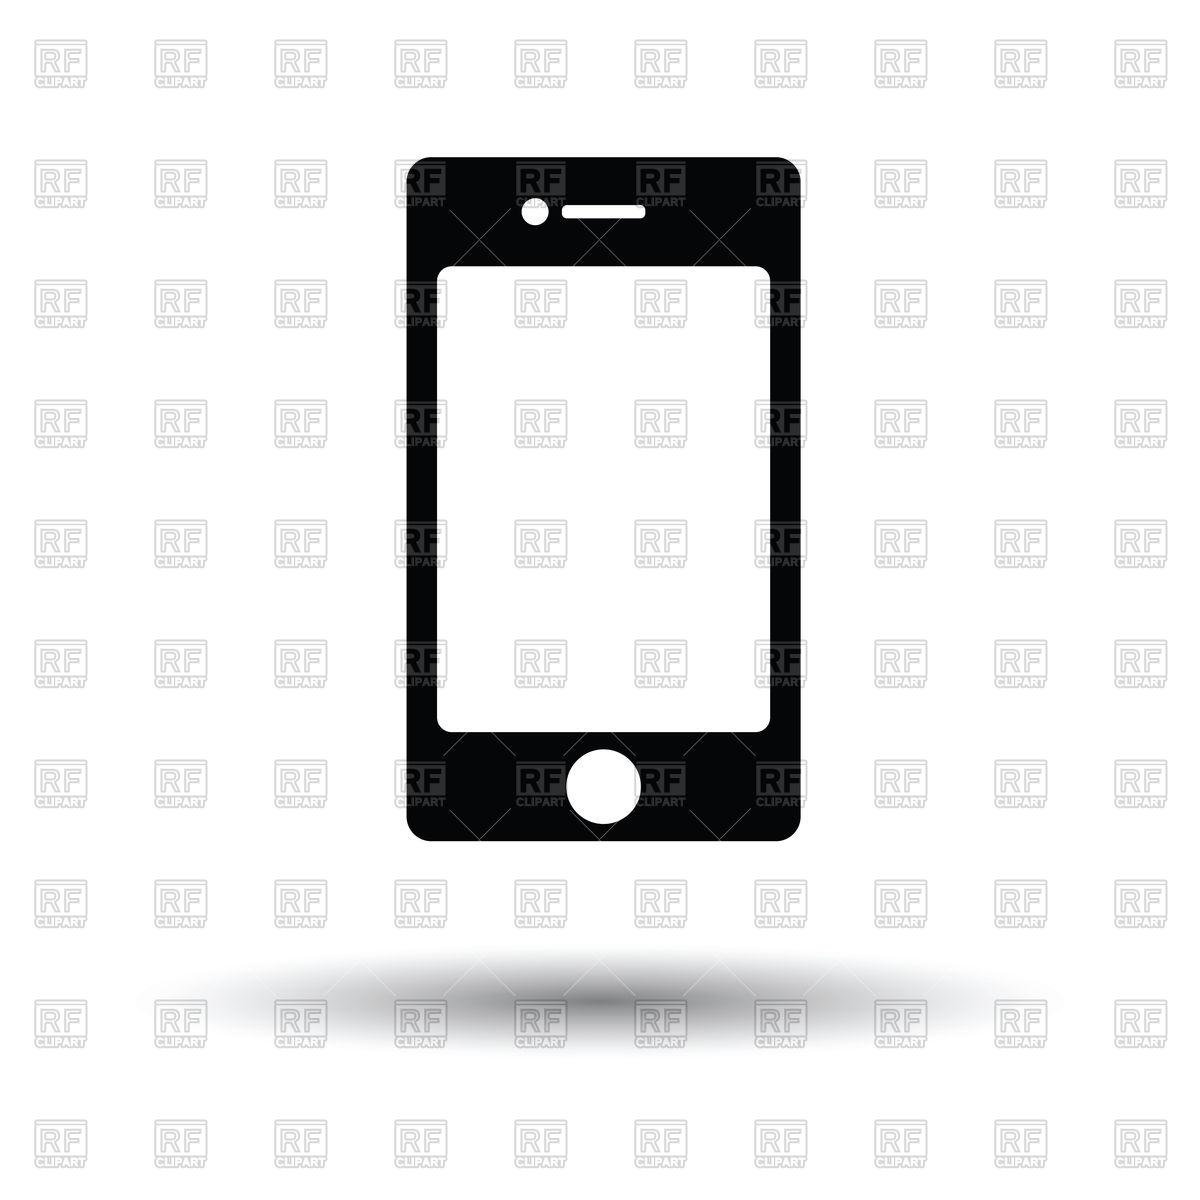 1200x1200 Smartphone Icon Vector Image Vector Artwork Of Signs, Symbols